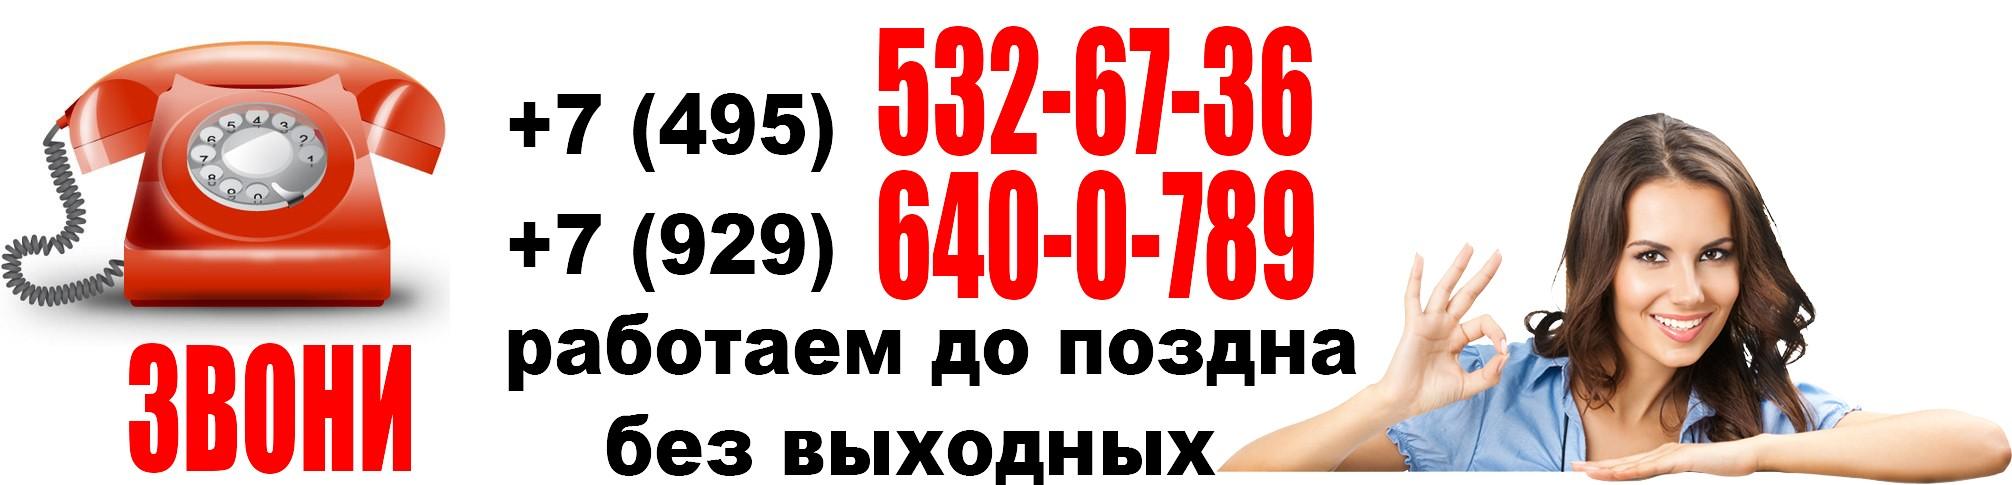 Телефон компьютерной помощь в районе Южное Бутово, станция метро Бунинская Аллея